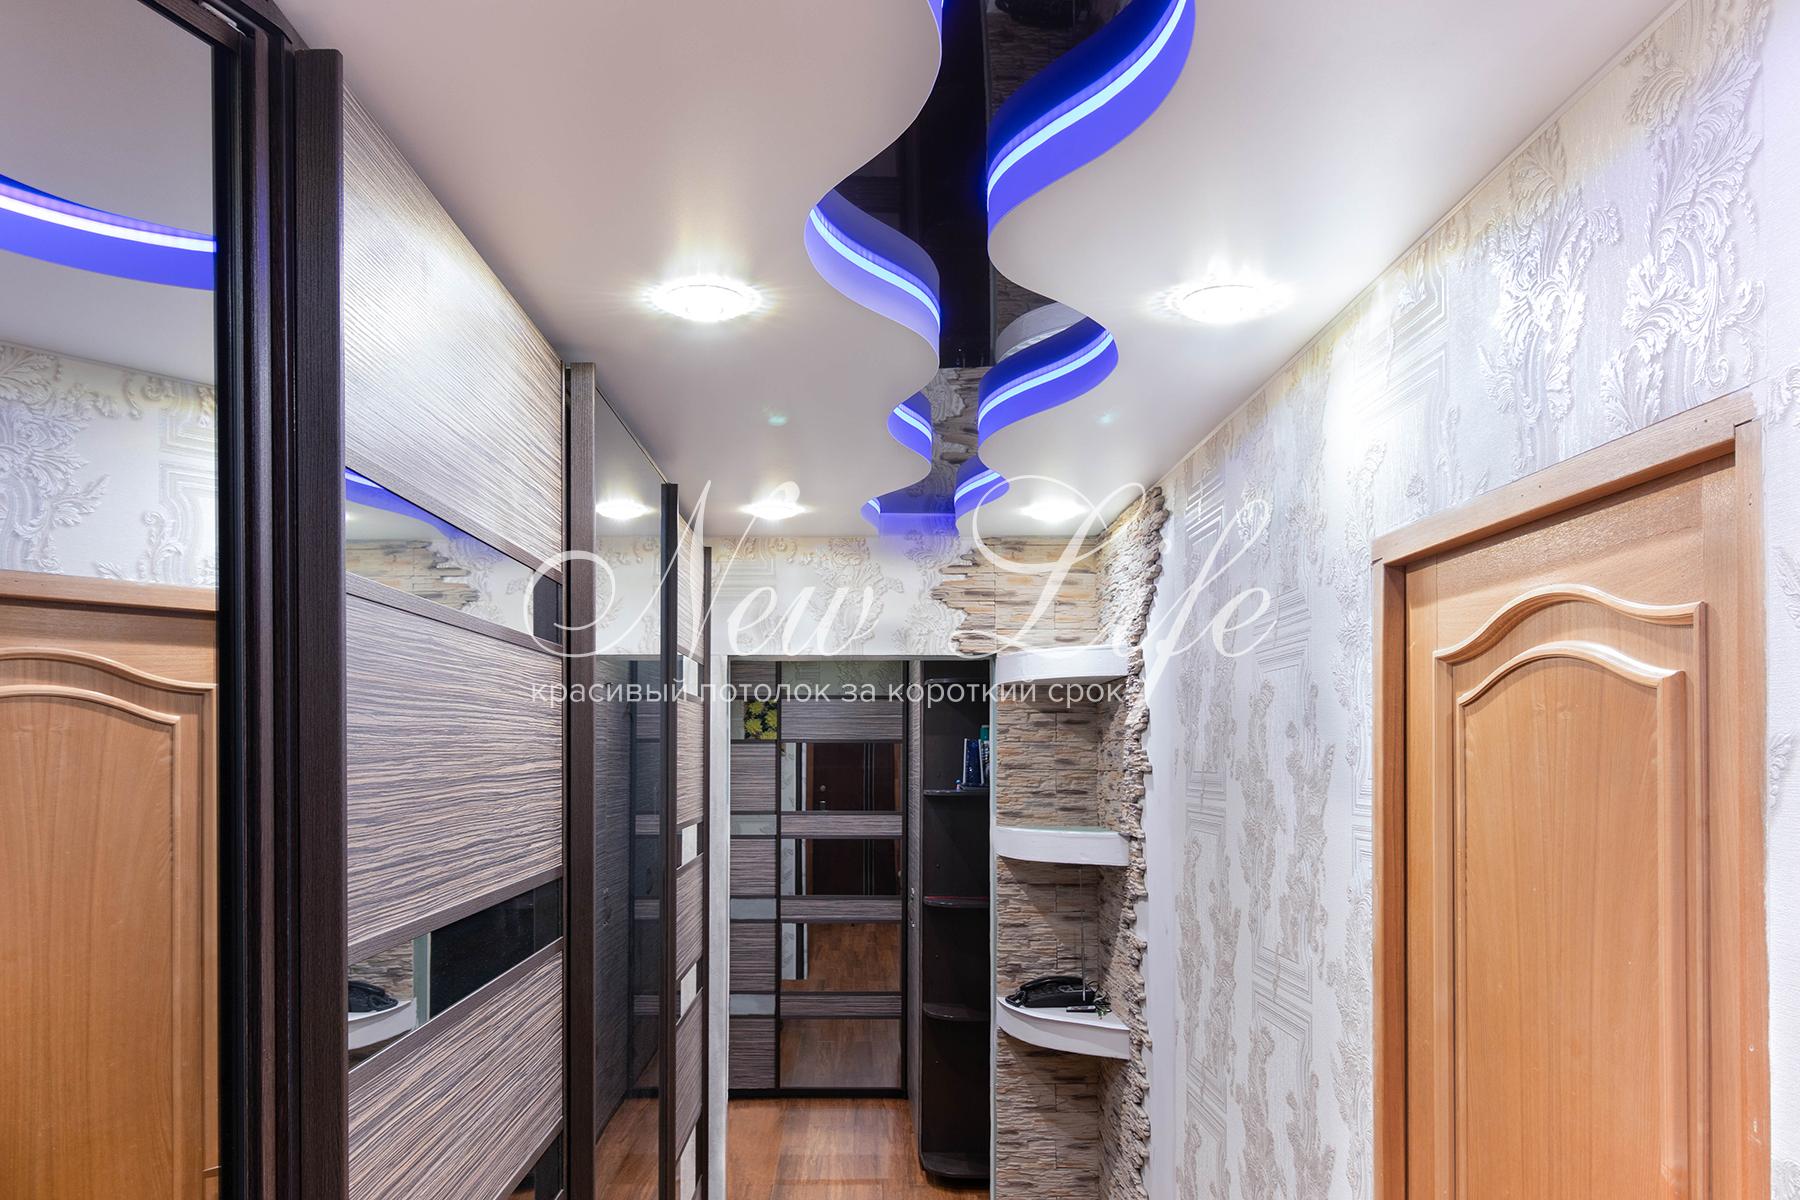 надо лениться фото коридора с натяжными потолками полезных